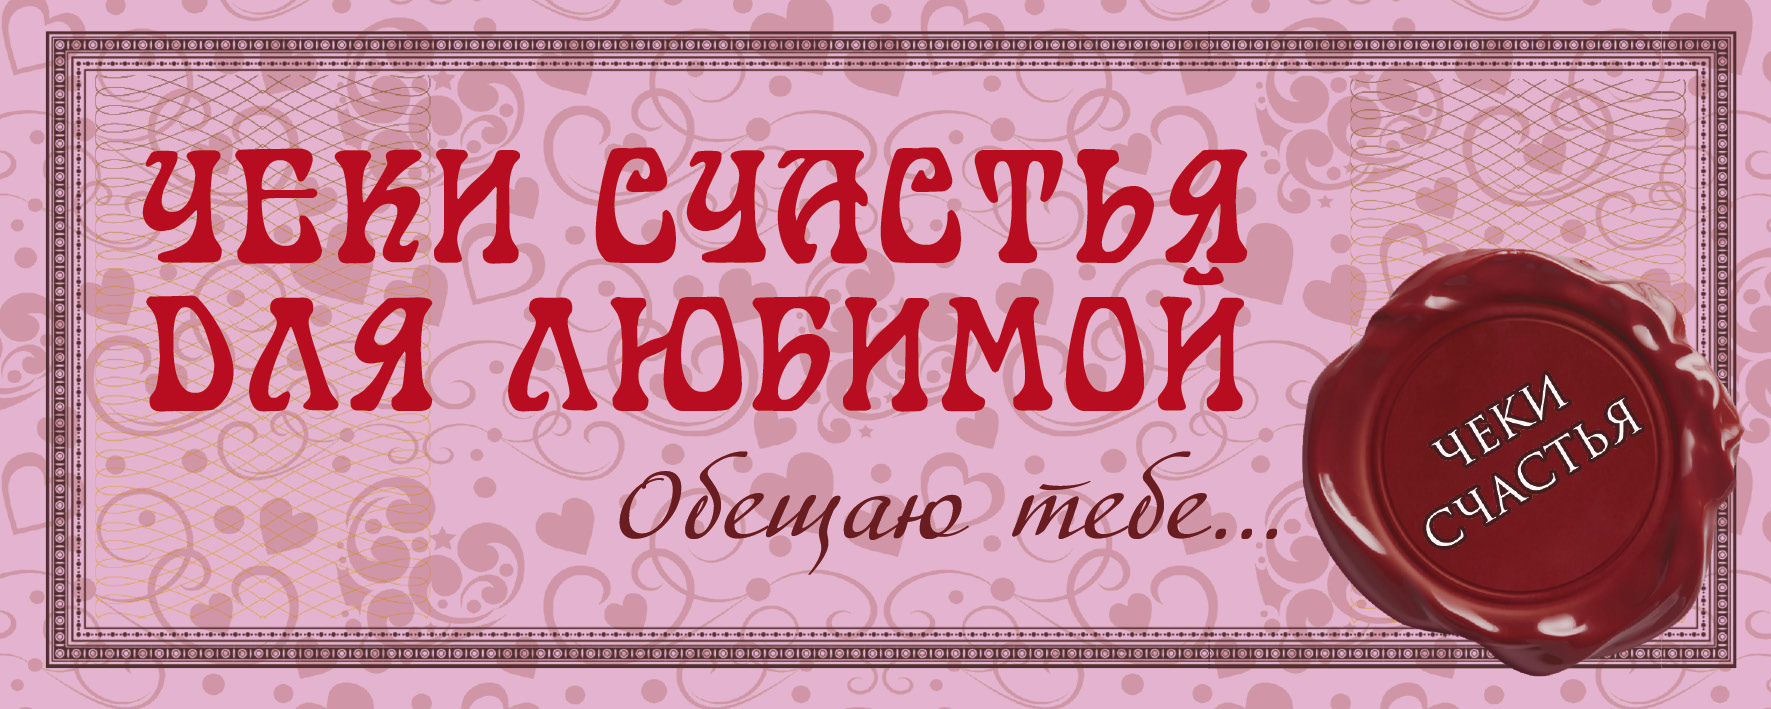 Пилипенко Е.А. Чеки счастья для любимой. Обещаю тебе... как чеки для игры ддгаме